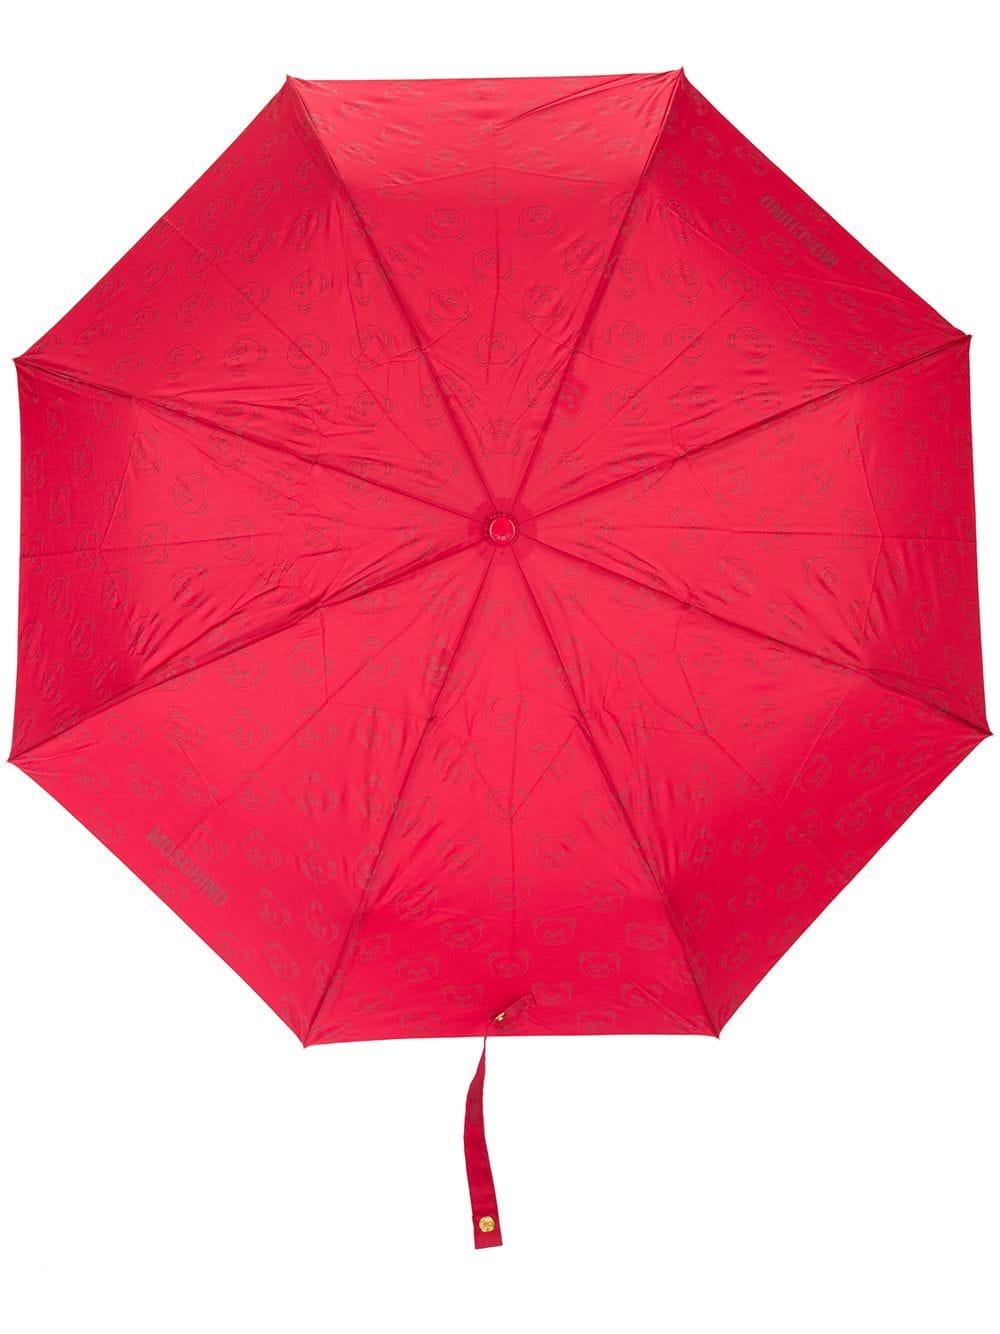 Moschino Regenschirm mit Teddybären-Print - Rot